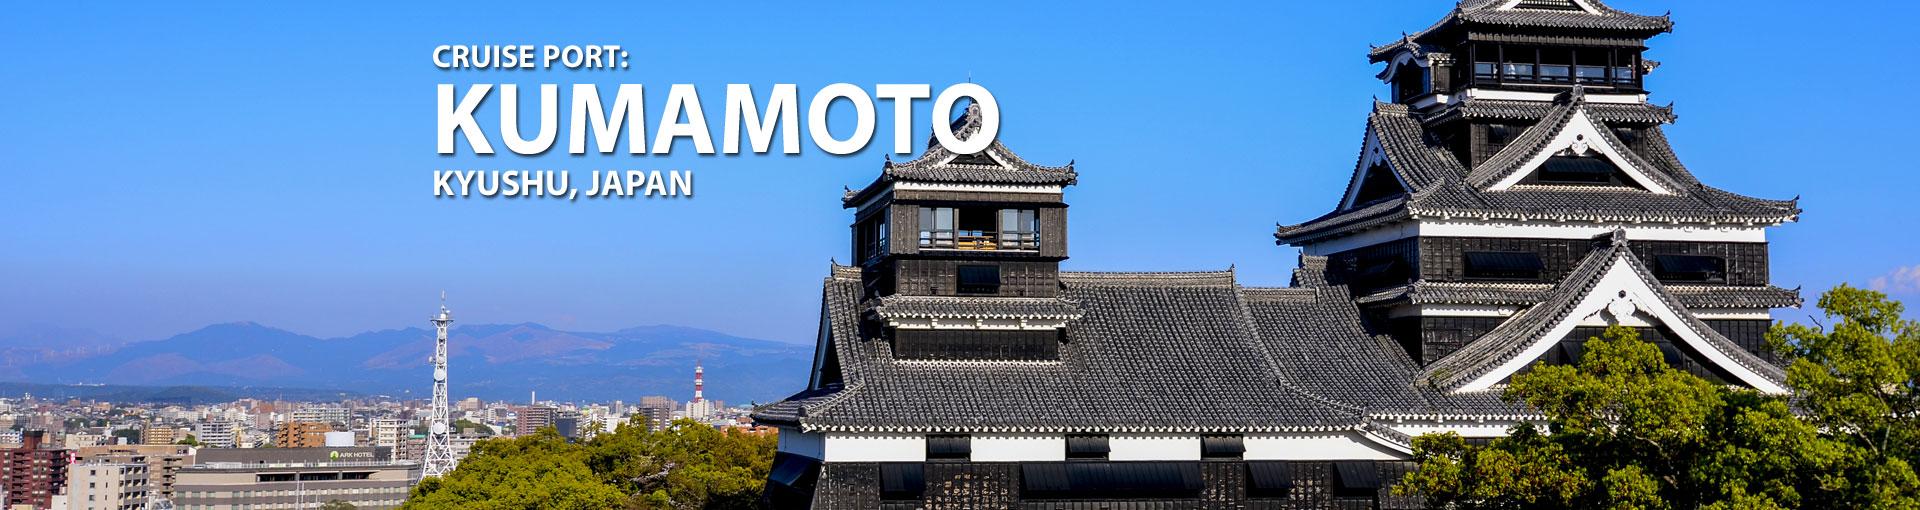 Cruise to Kumamoto, Kyushu, Japan